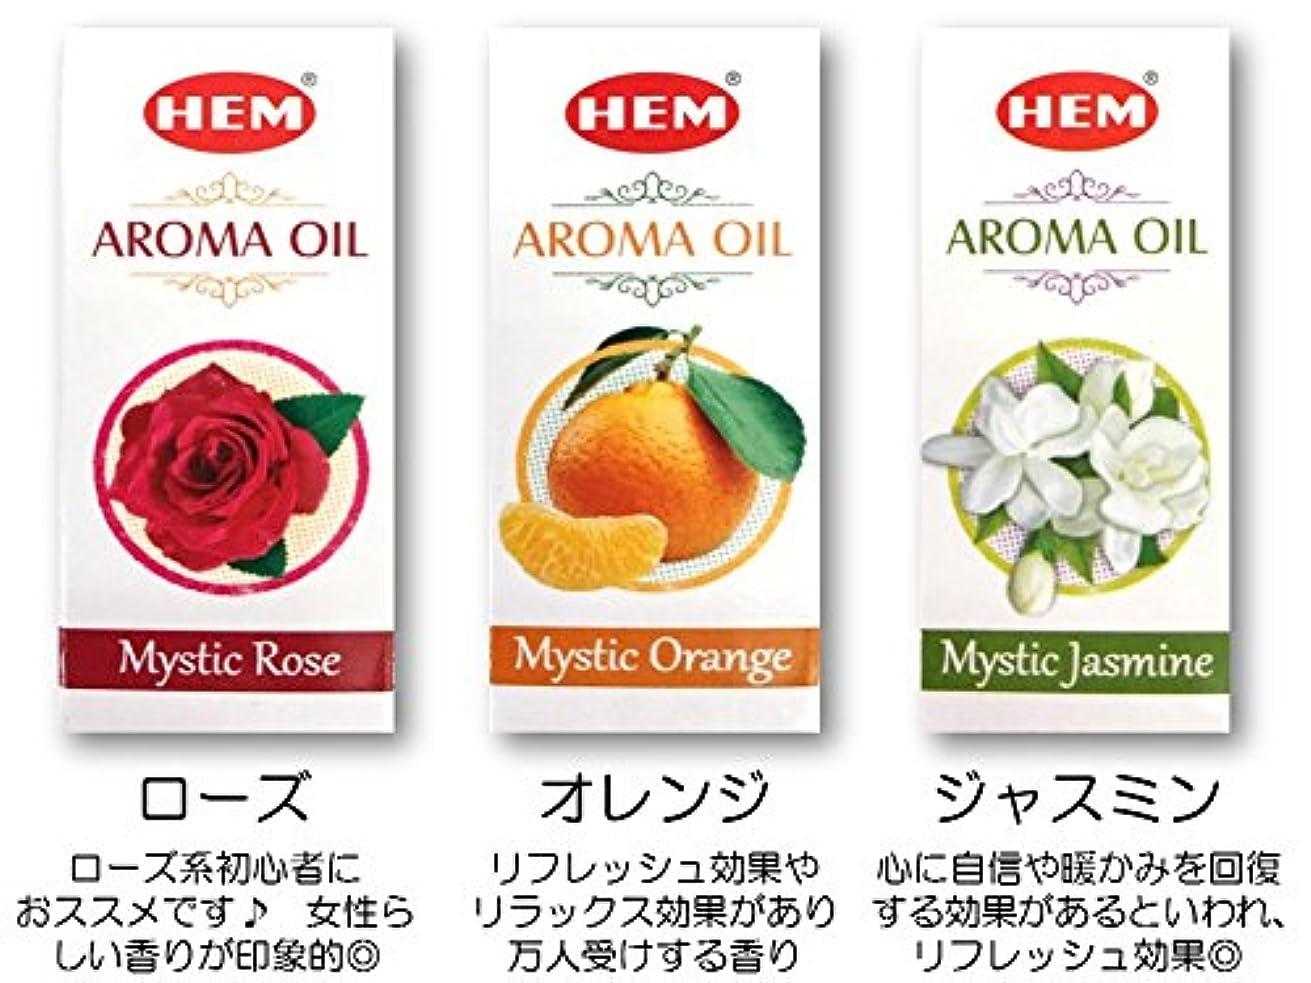 スチール月曜日致命的HEM(ヘム) アロマオイル 3本セット /ローズ?オレンジ?ジャスミン/ルームフレグランス用